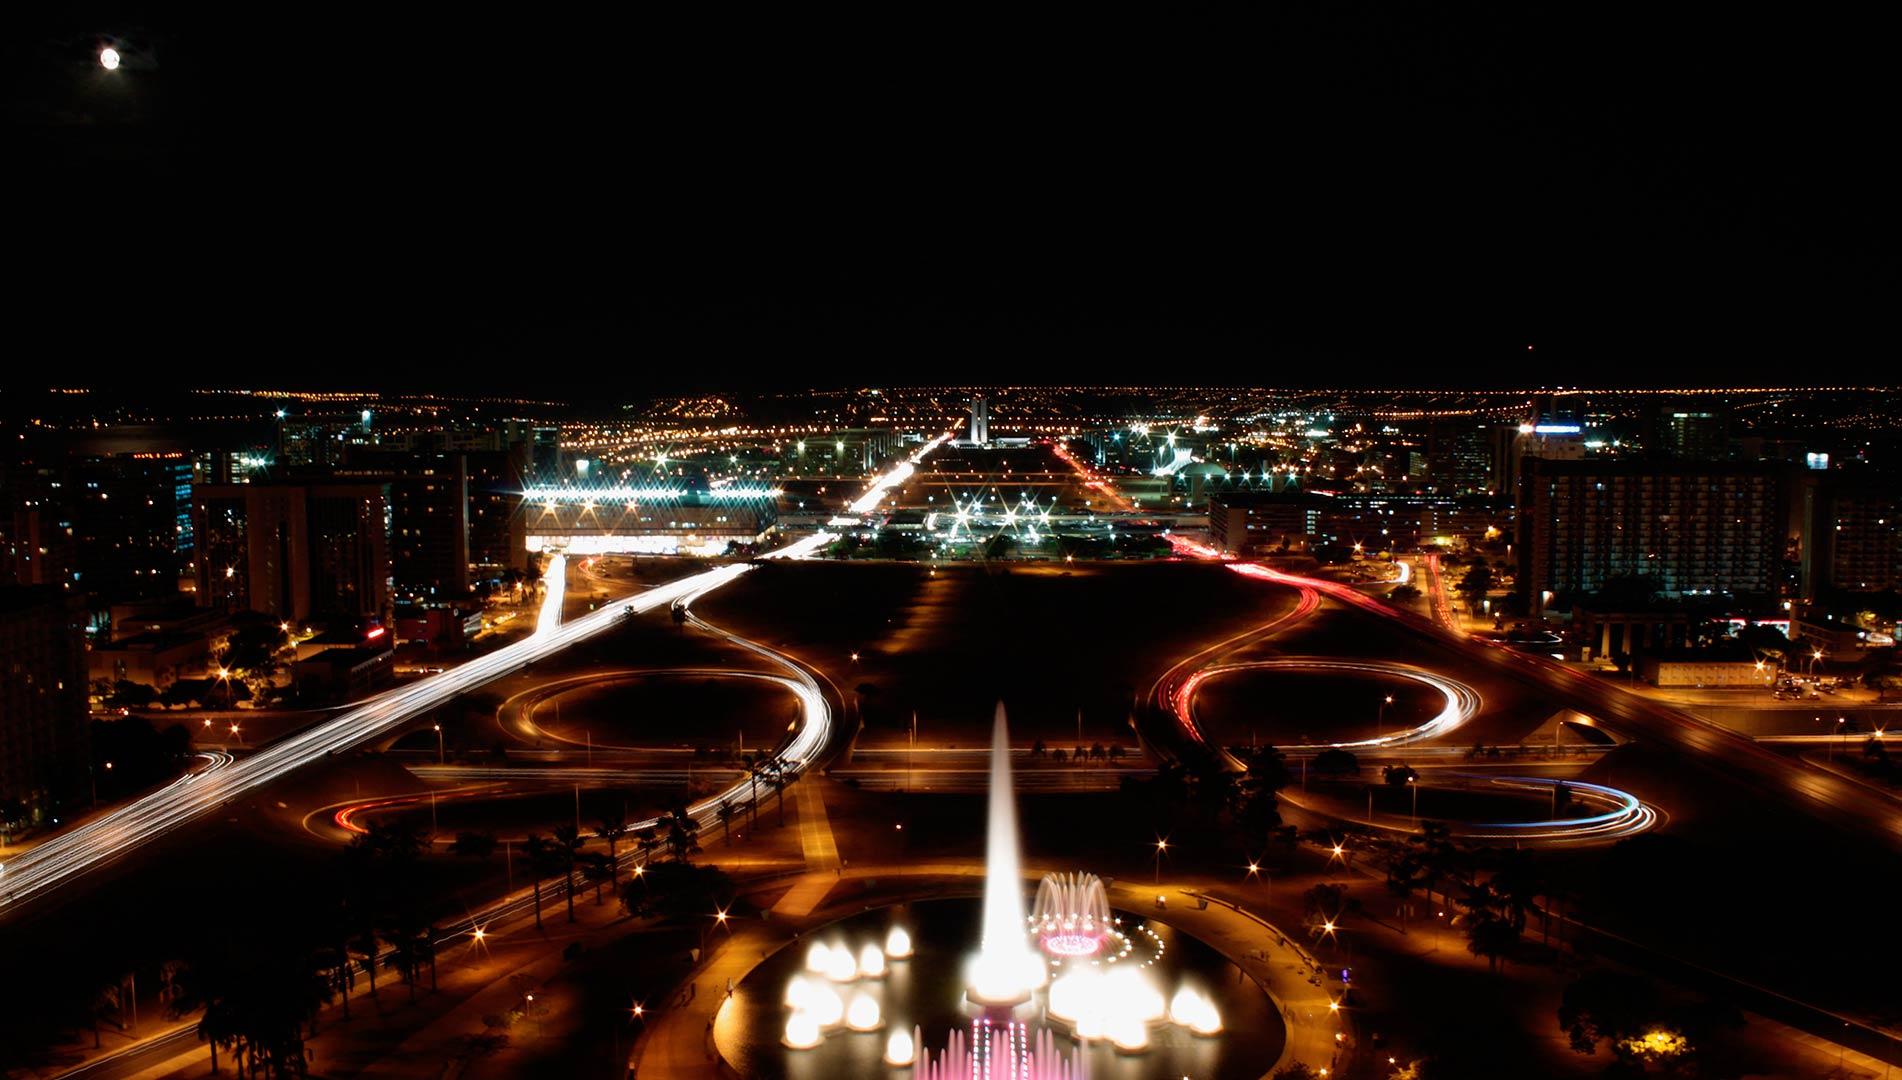 Agência Carcará de Publicidade, Comunicação e Marketing Digital em Brasília: Paixão, Inovação e Criatividade em Brasília para o Brasil e o Mundo!